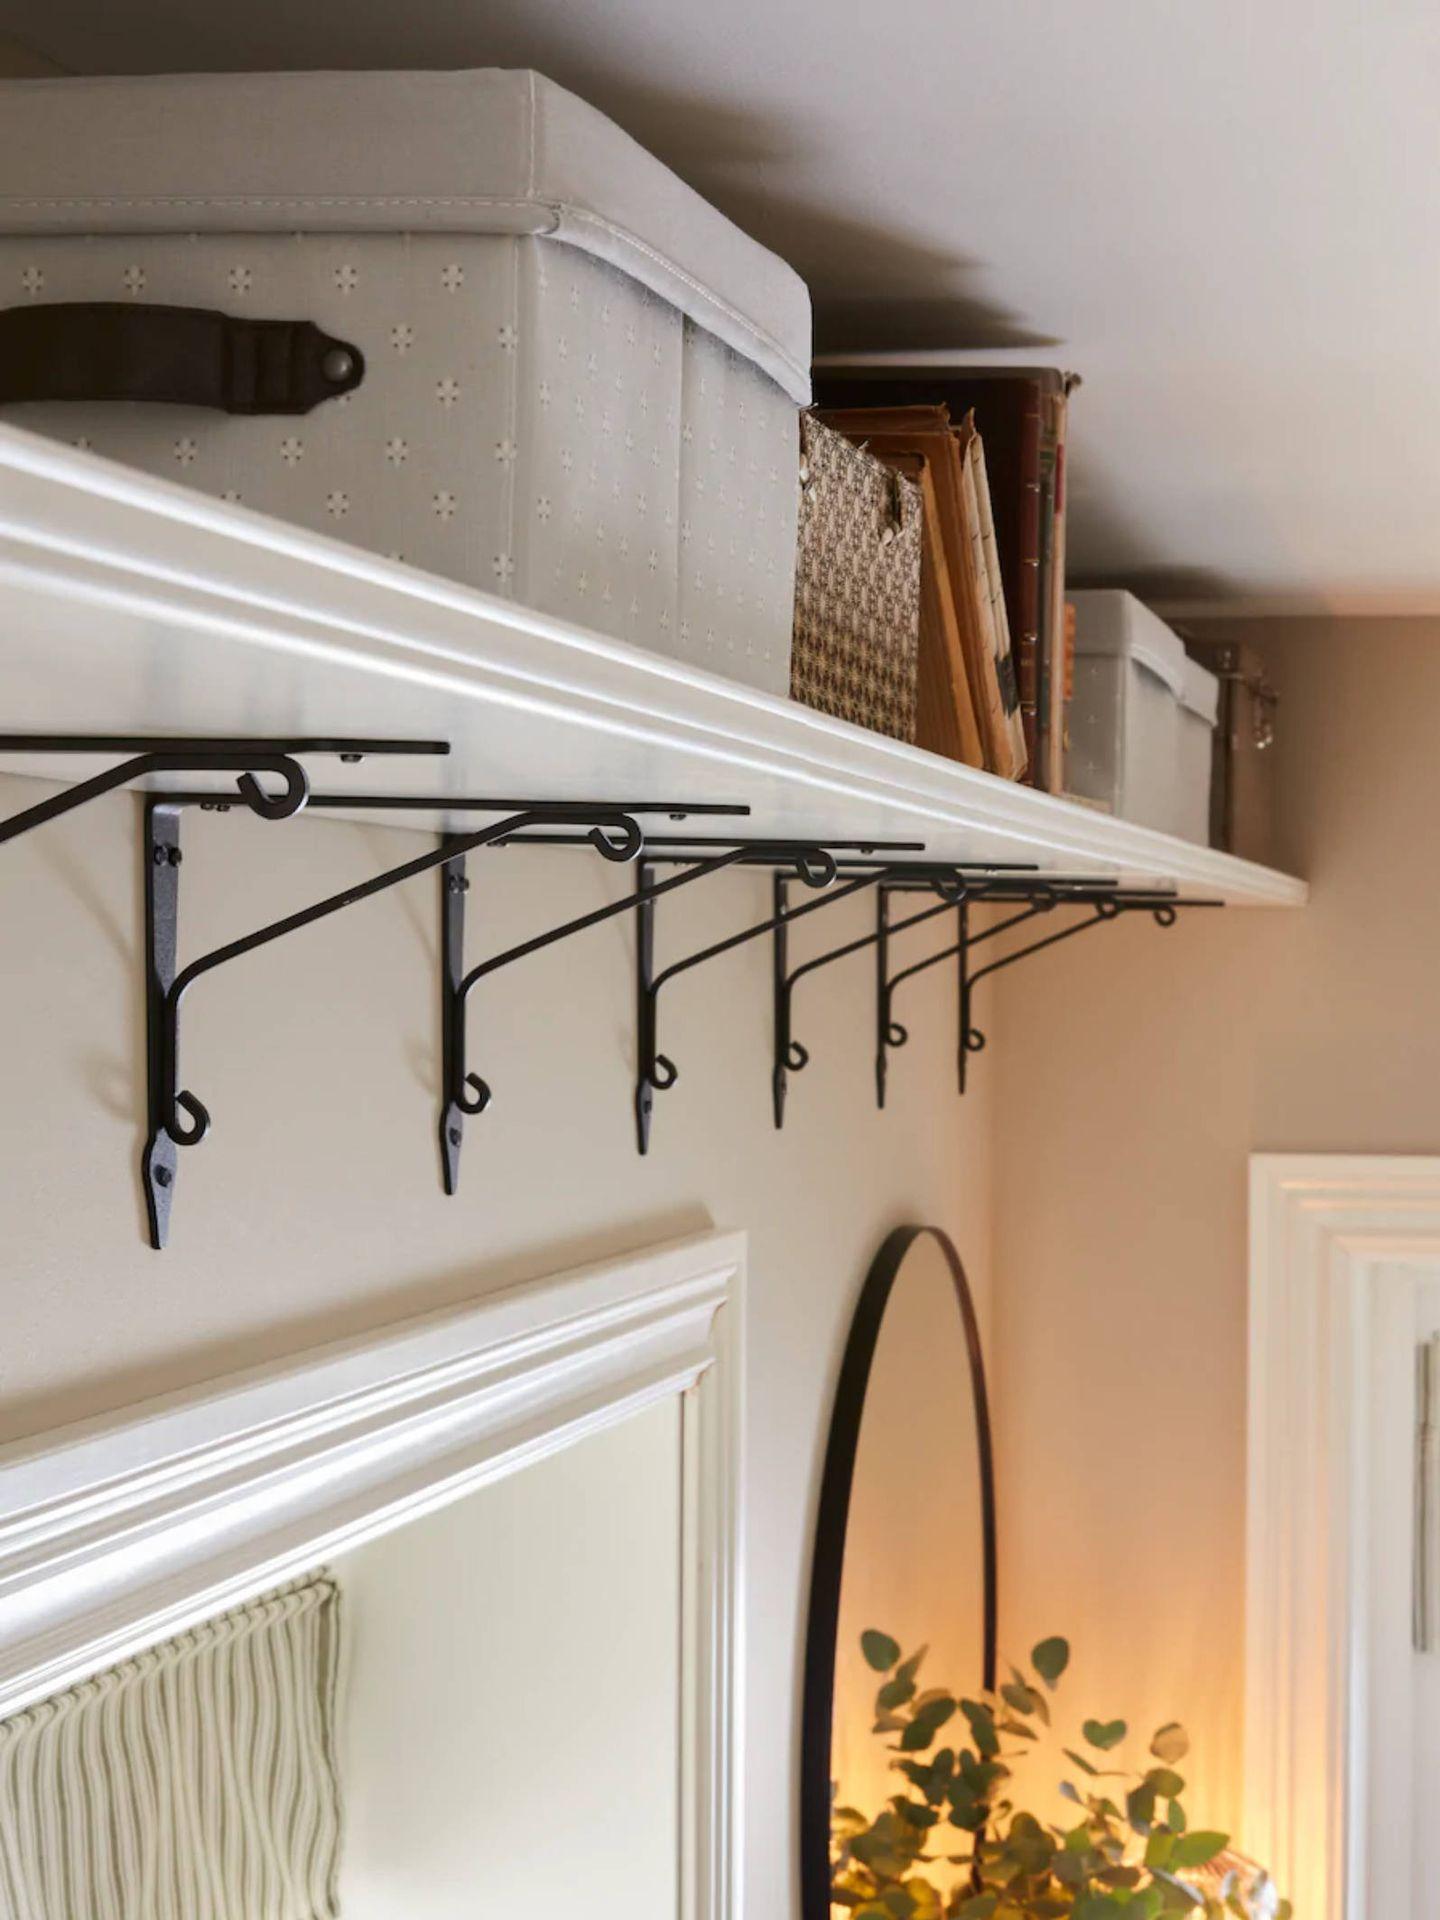 Soluciones de decoración de Ikea para una entrada pequeña. (Cortesía)